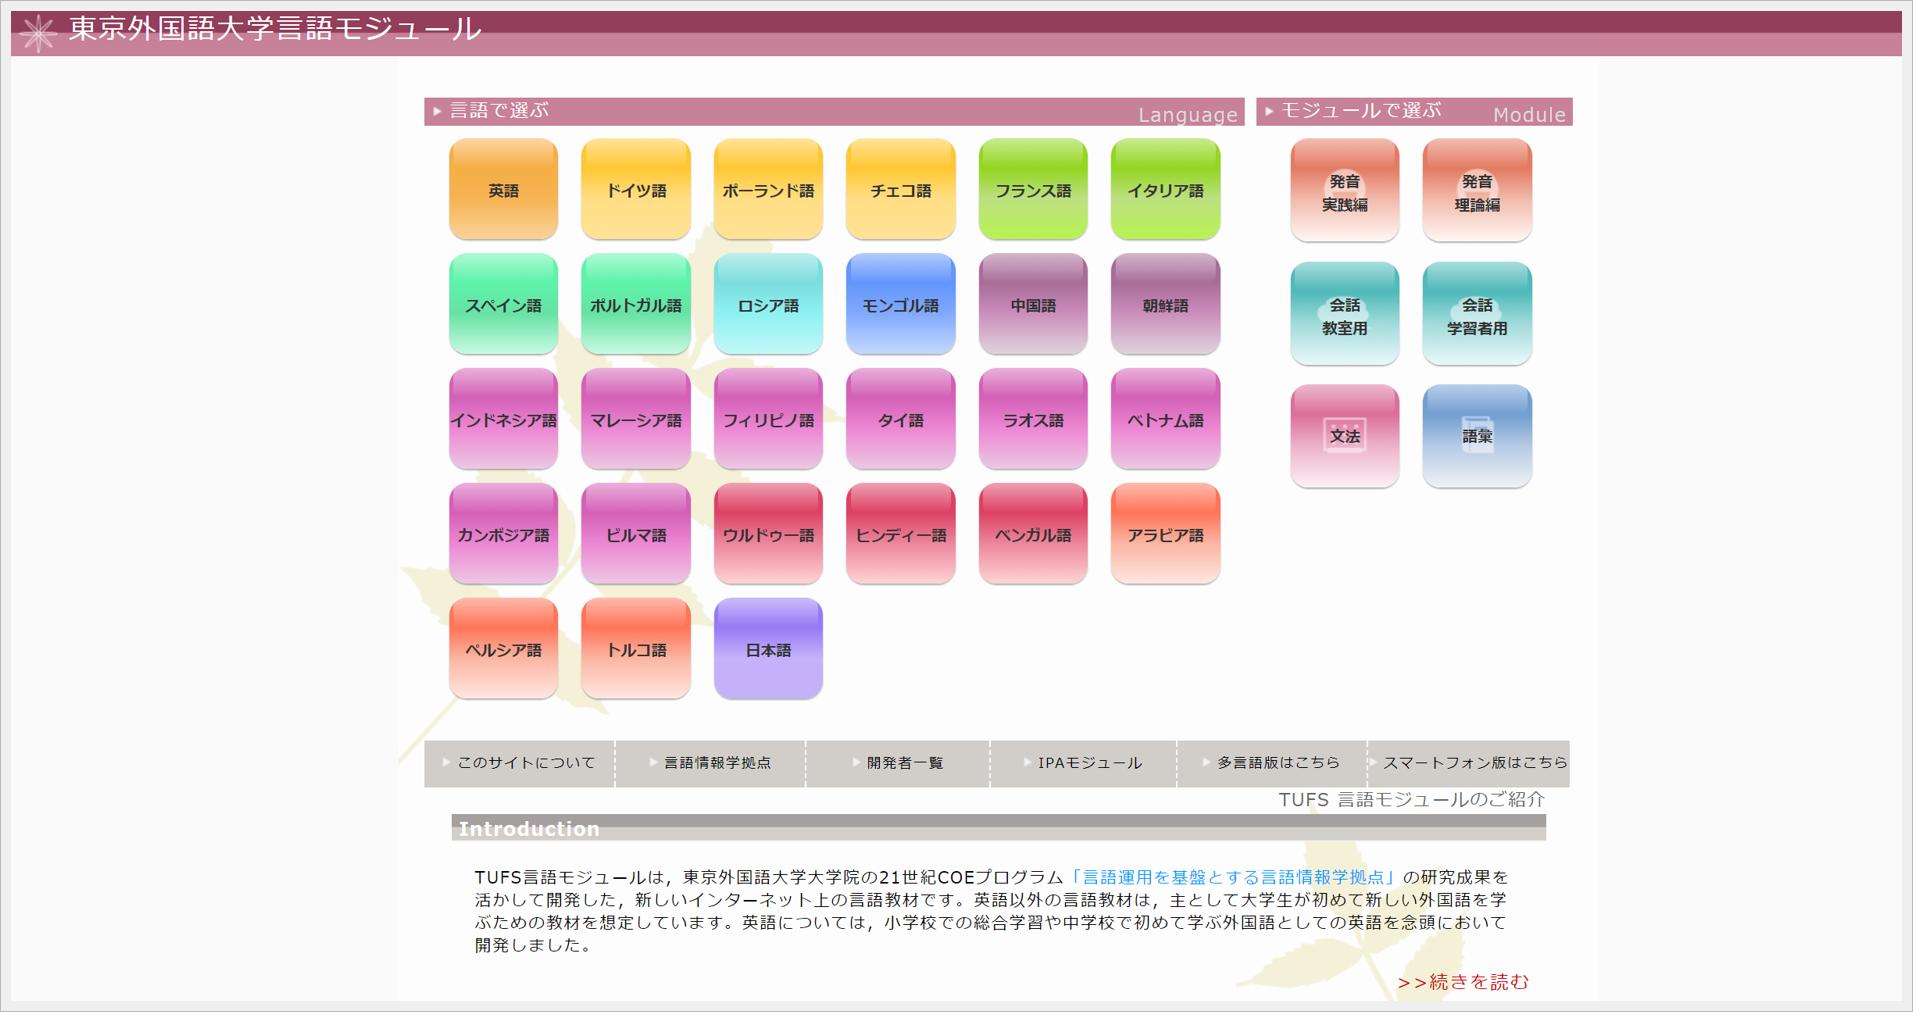 中国語の学習者ならぜひ活用を!「東京外大の言語モジュール」